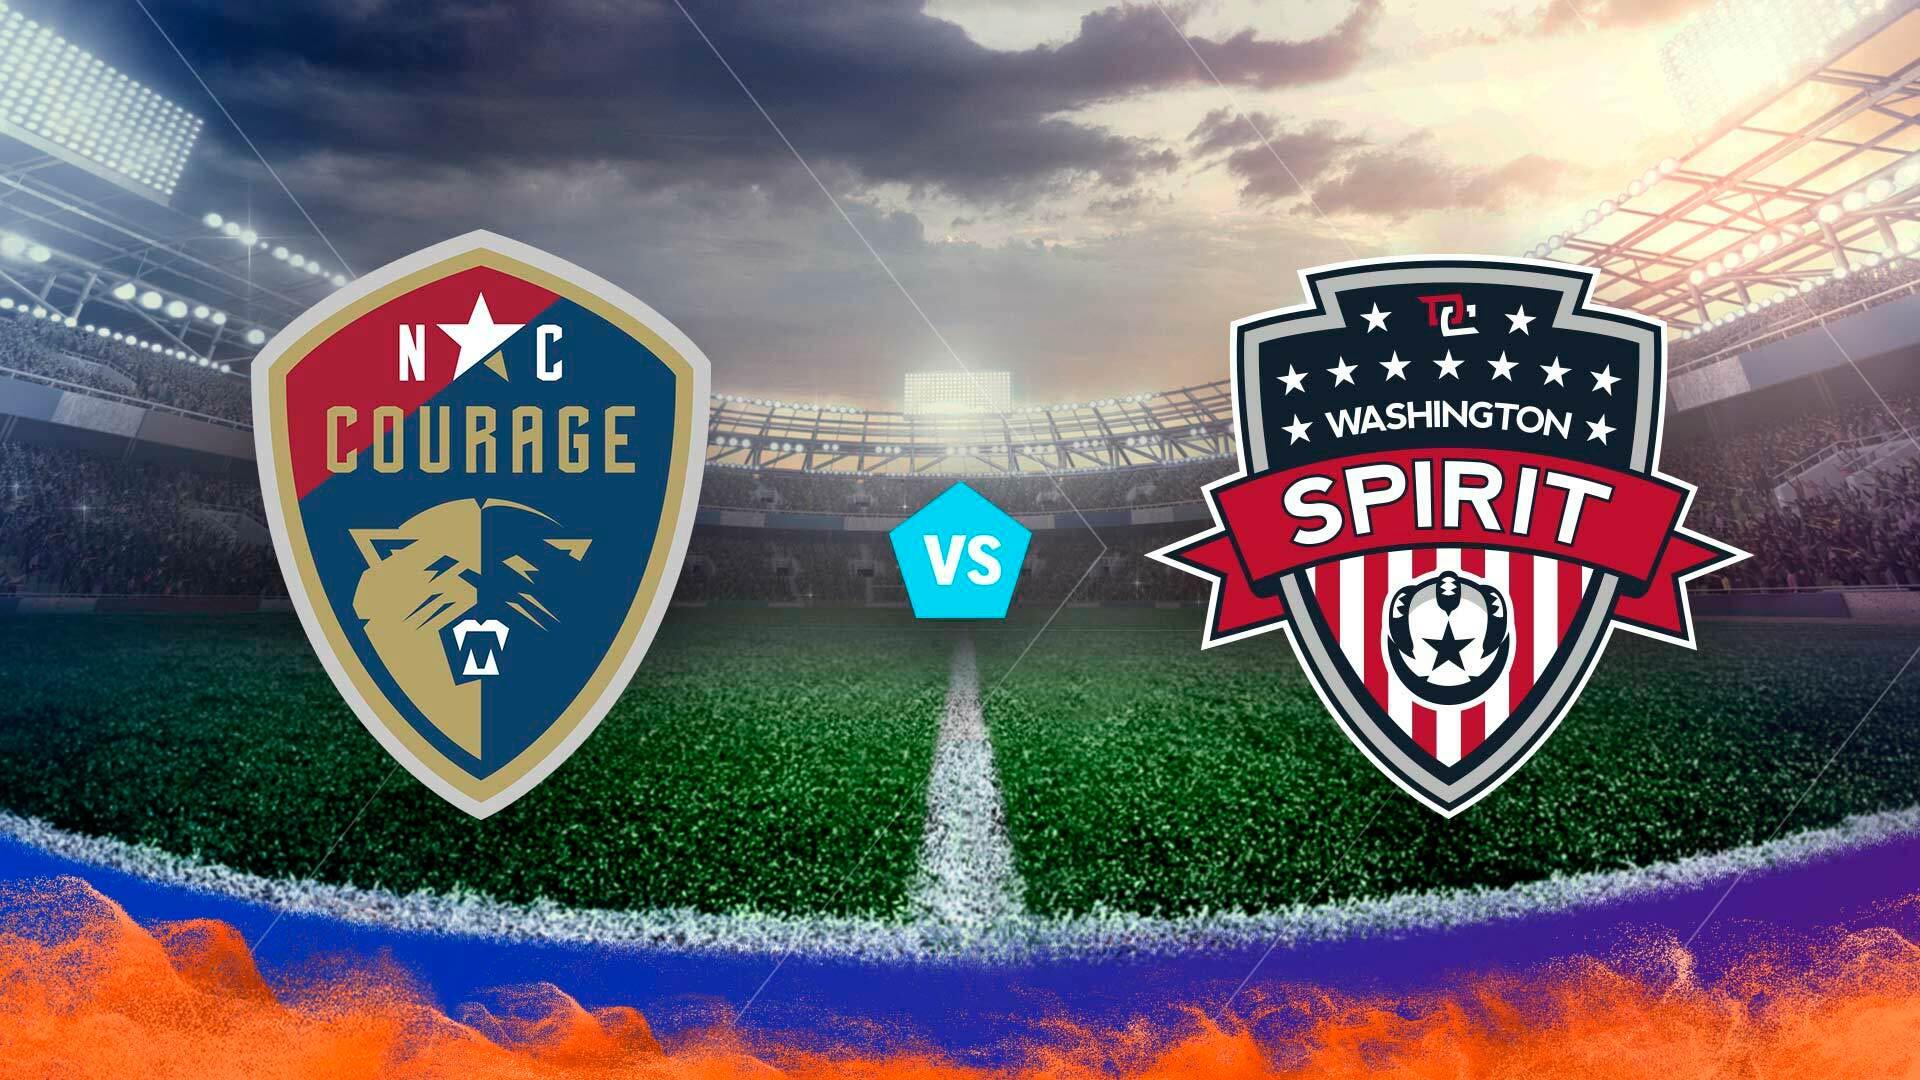 Washington Spirit Soccer Game